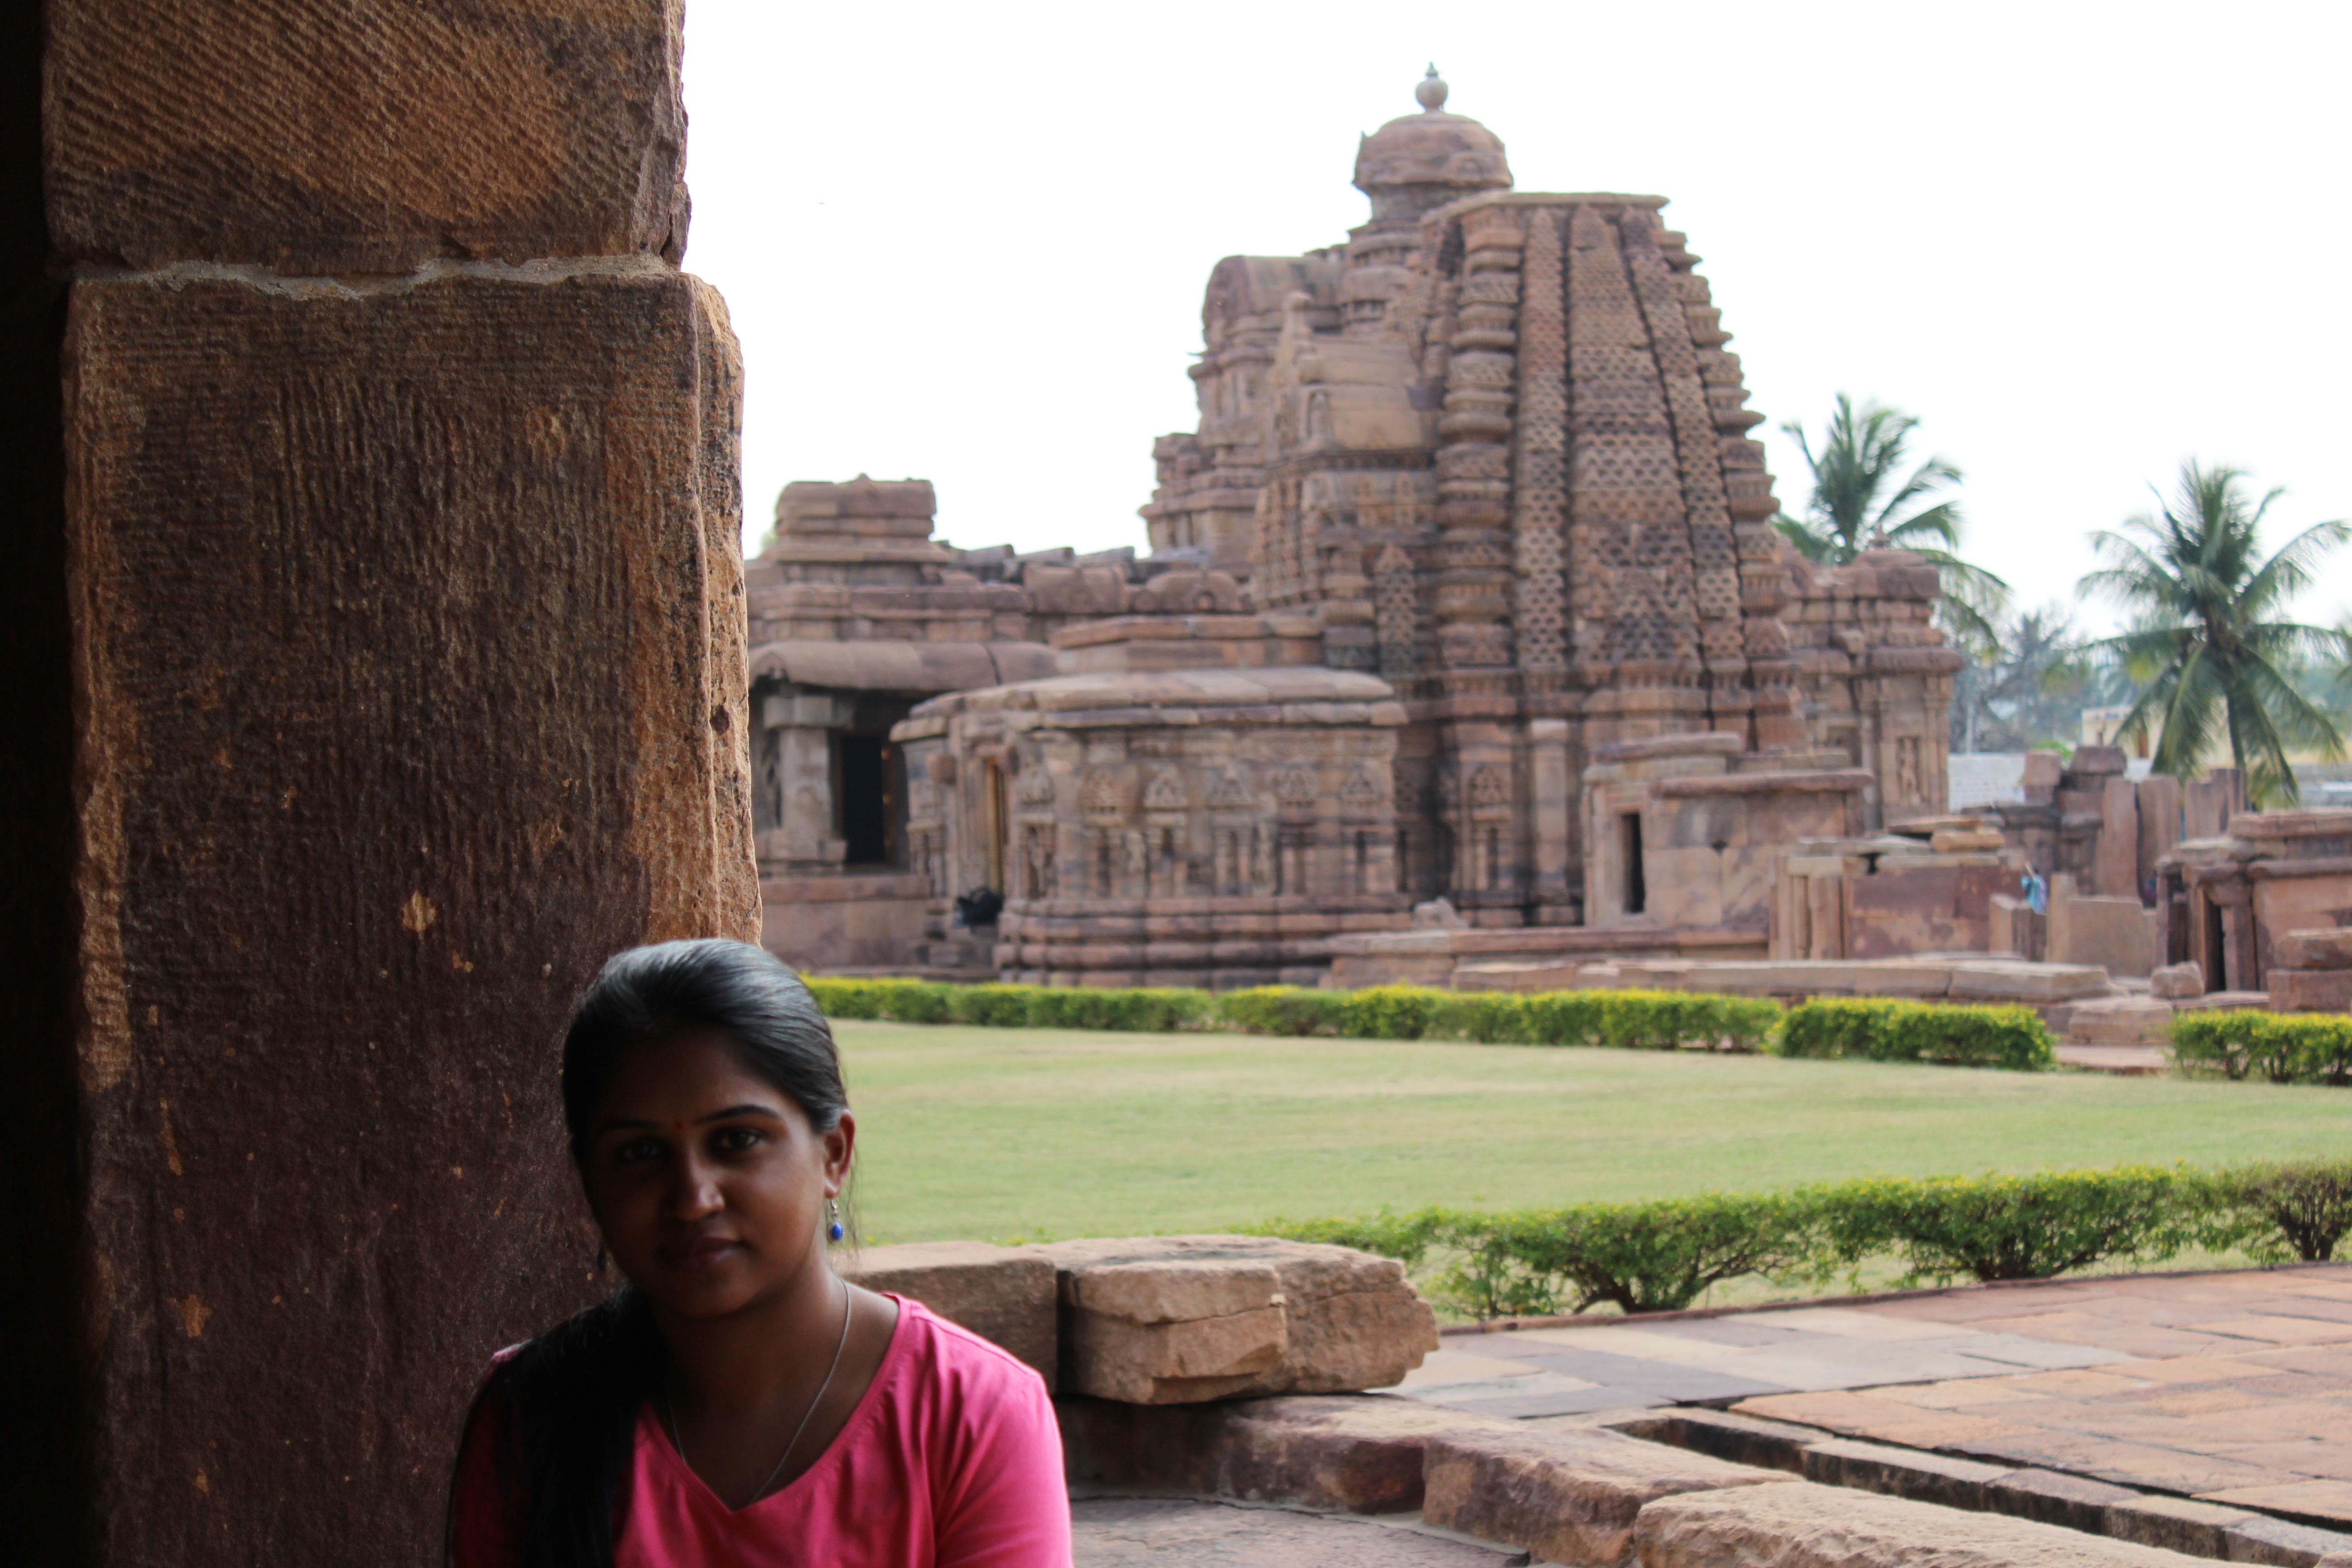 Pattadakal-Mallikarjuna temple and Virupaksha temple at Background